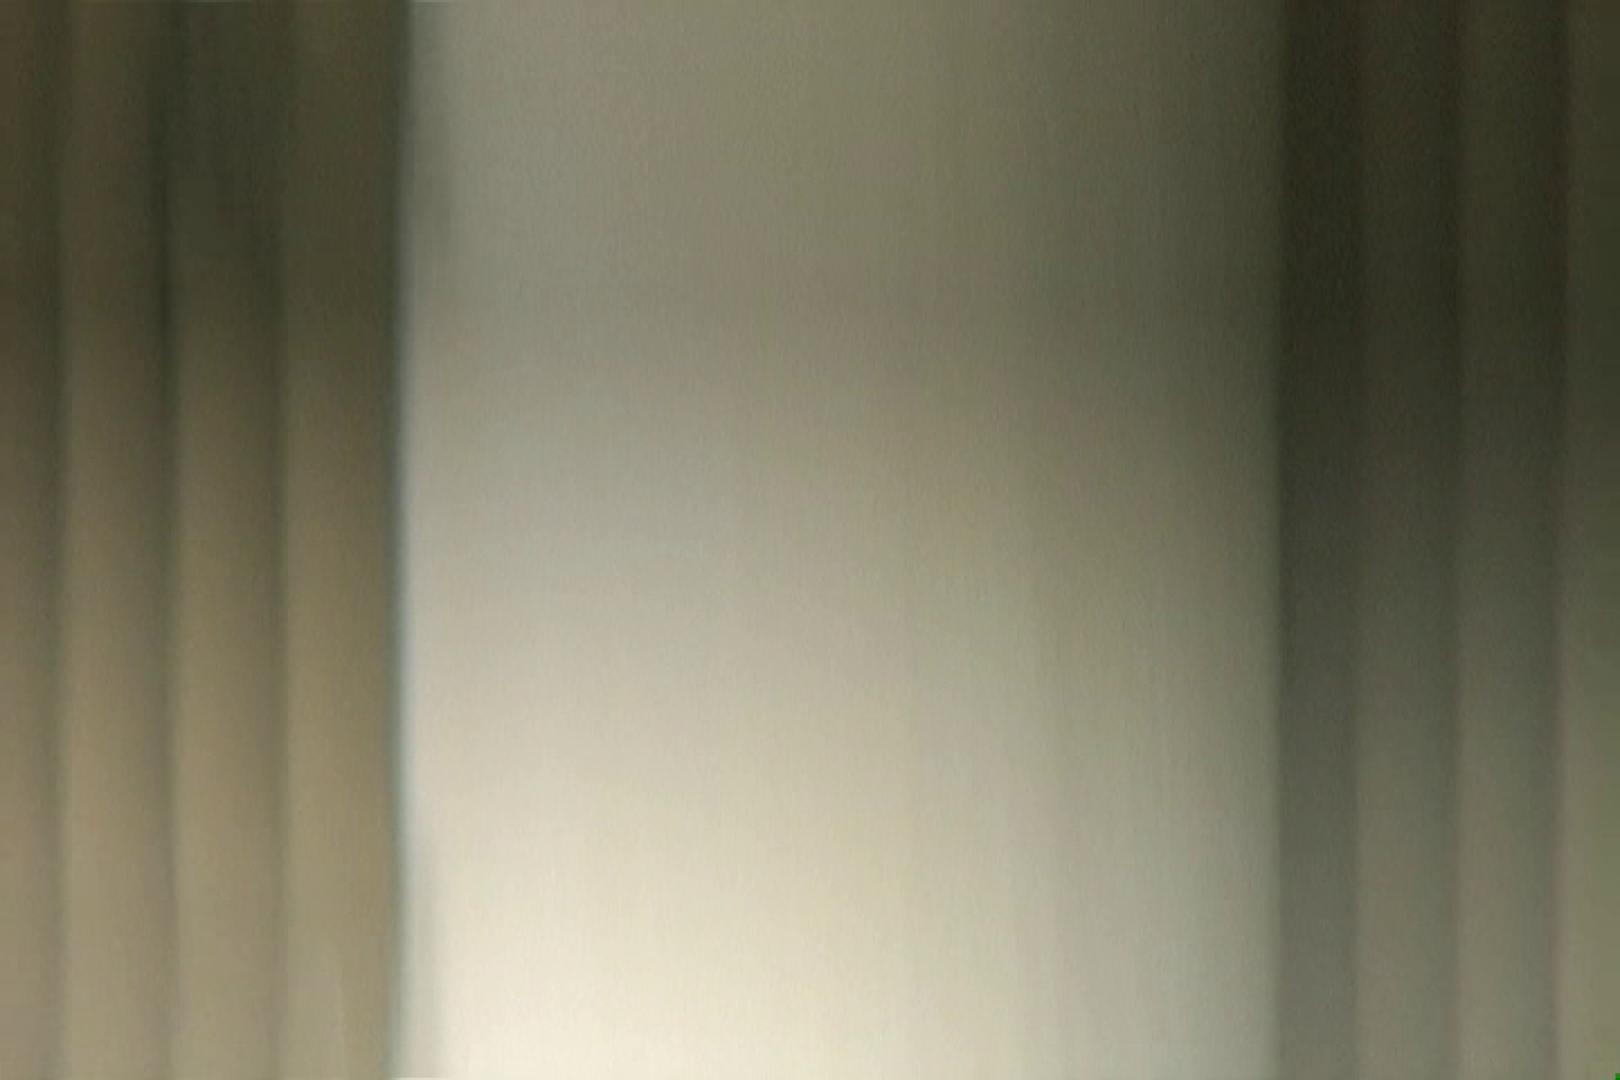 高画質露天女風呂観察 vol.007 女風呂 覗きおまんこ画像 102pic 61